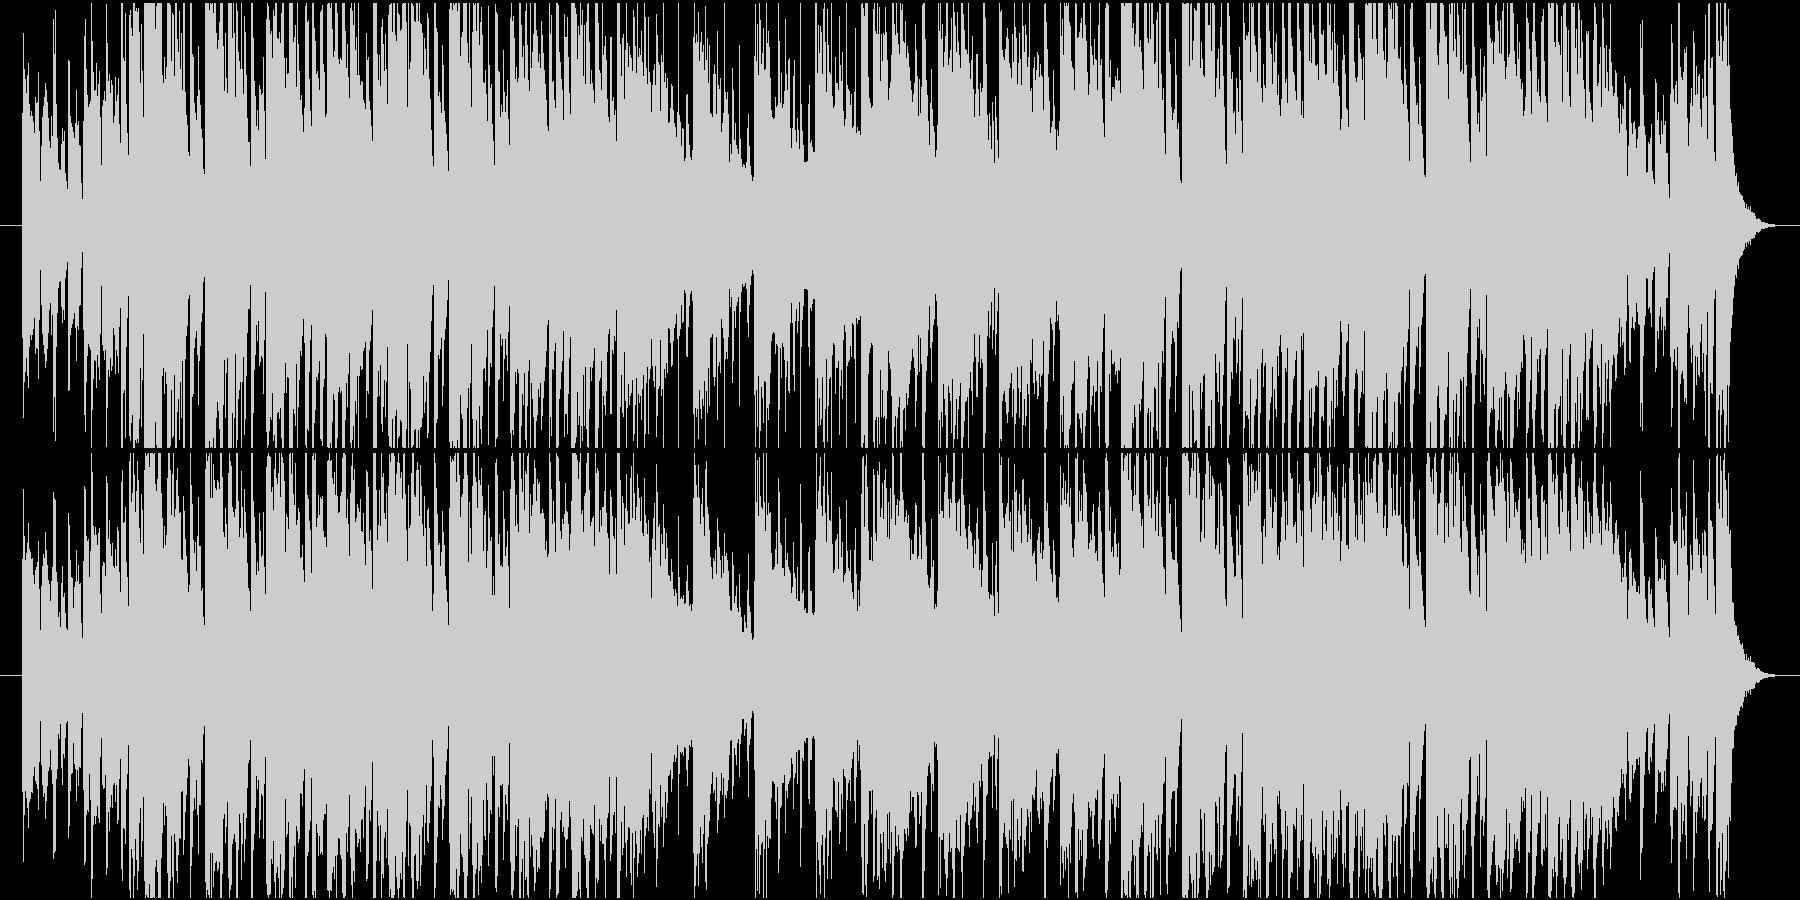 ファンキーな管楽器による都会的なTUNEの未再生の波形